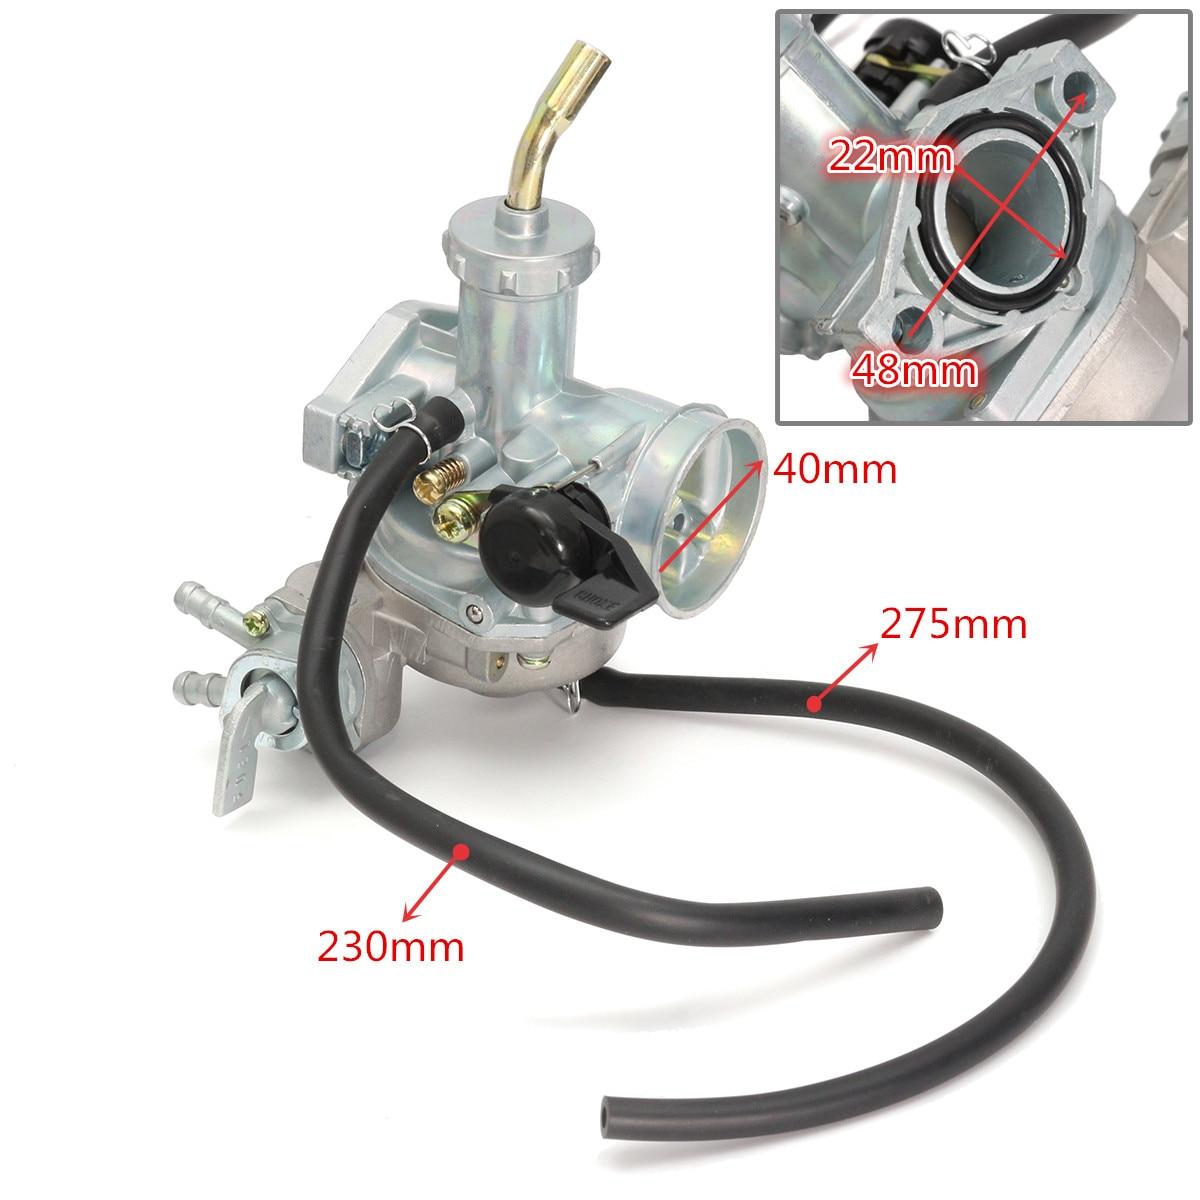 Carb Carburetor & Throttle Cable For Honda ATV ATC 70 90 110 125 TRX125 C02220Carb Carburetor & Throttle Cable For Honda ATV ATC 70 90 110 125 TRX125 C02220